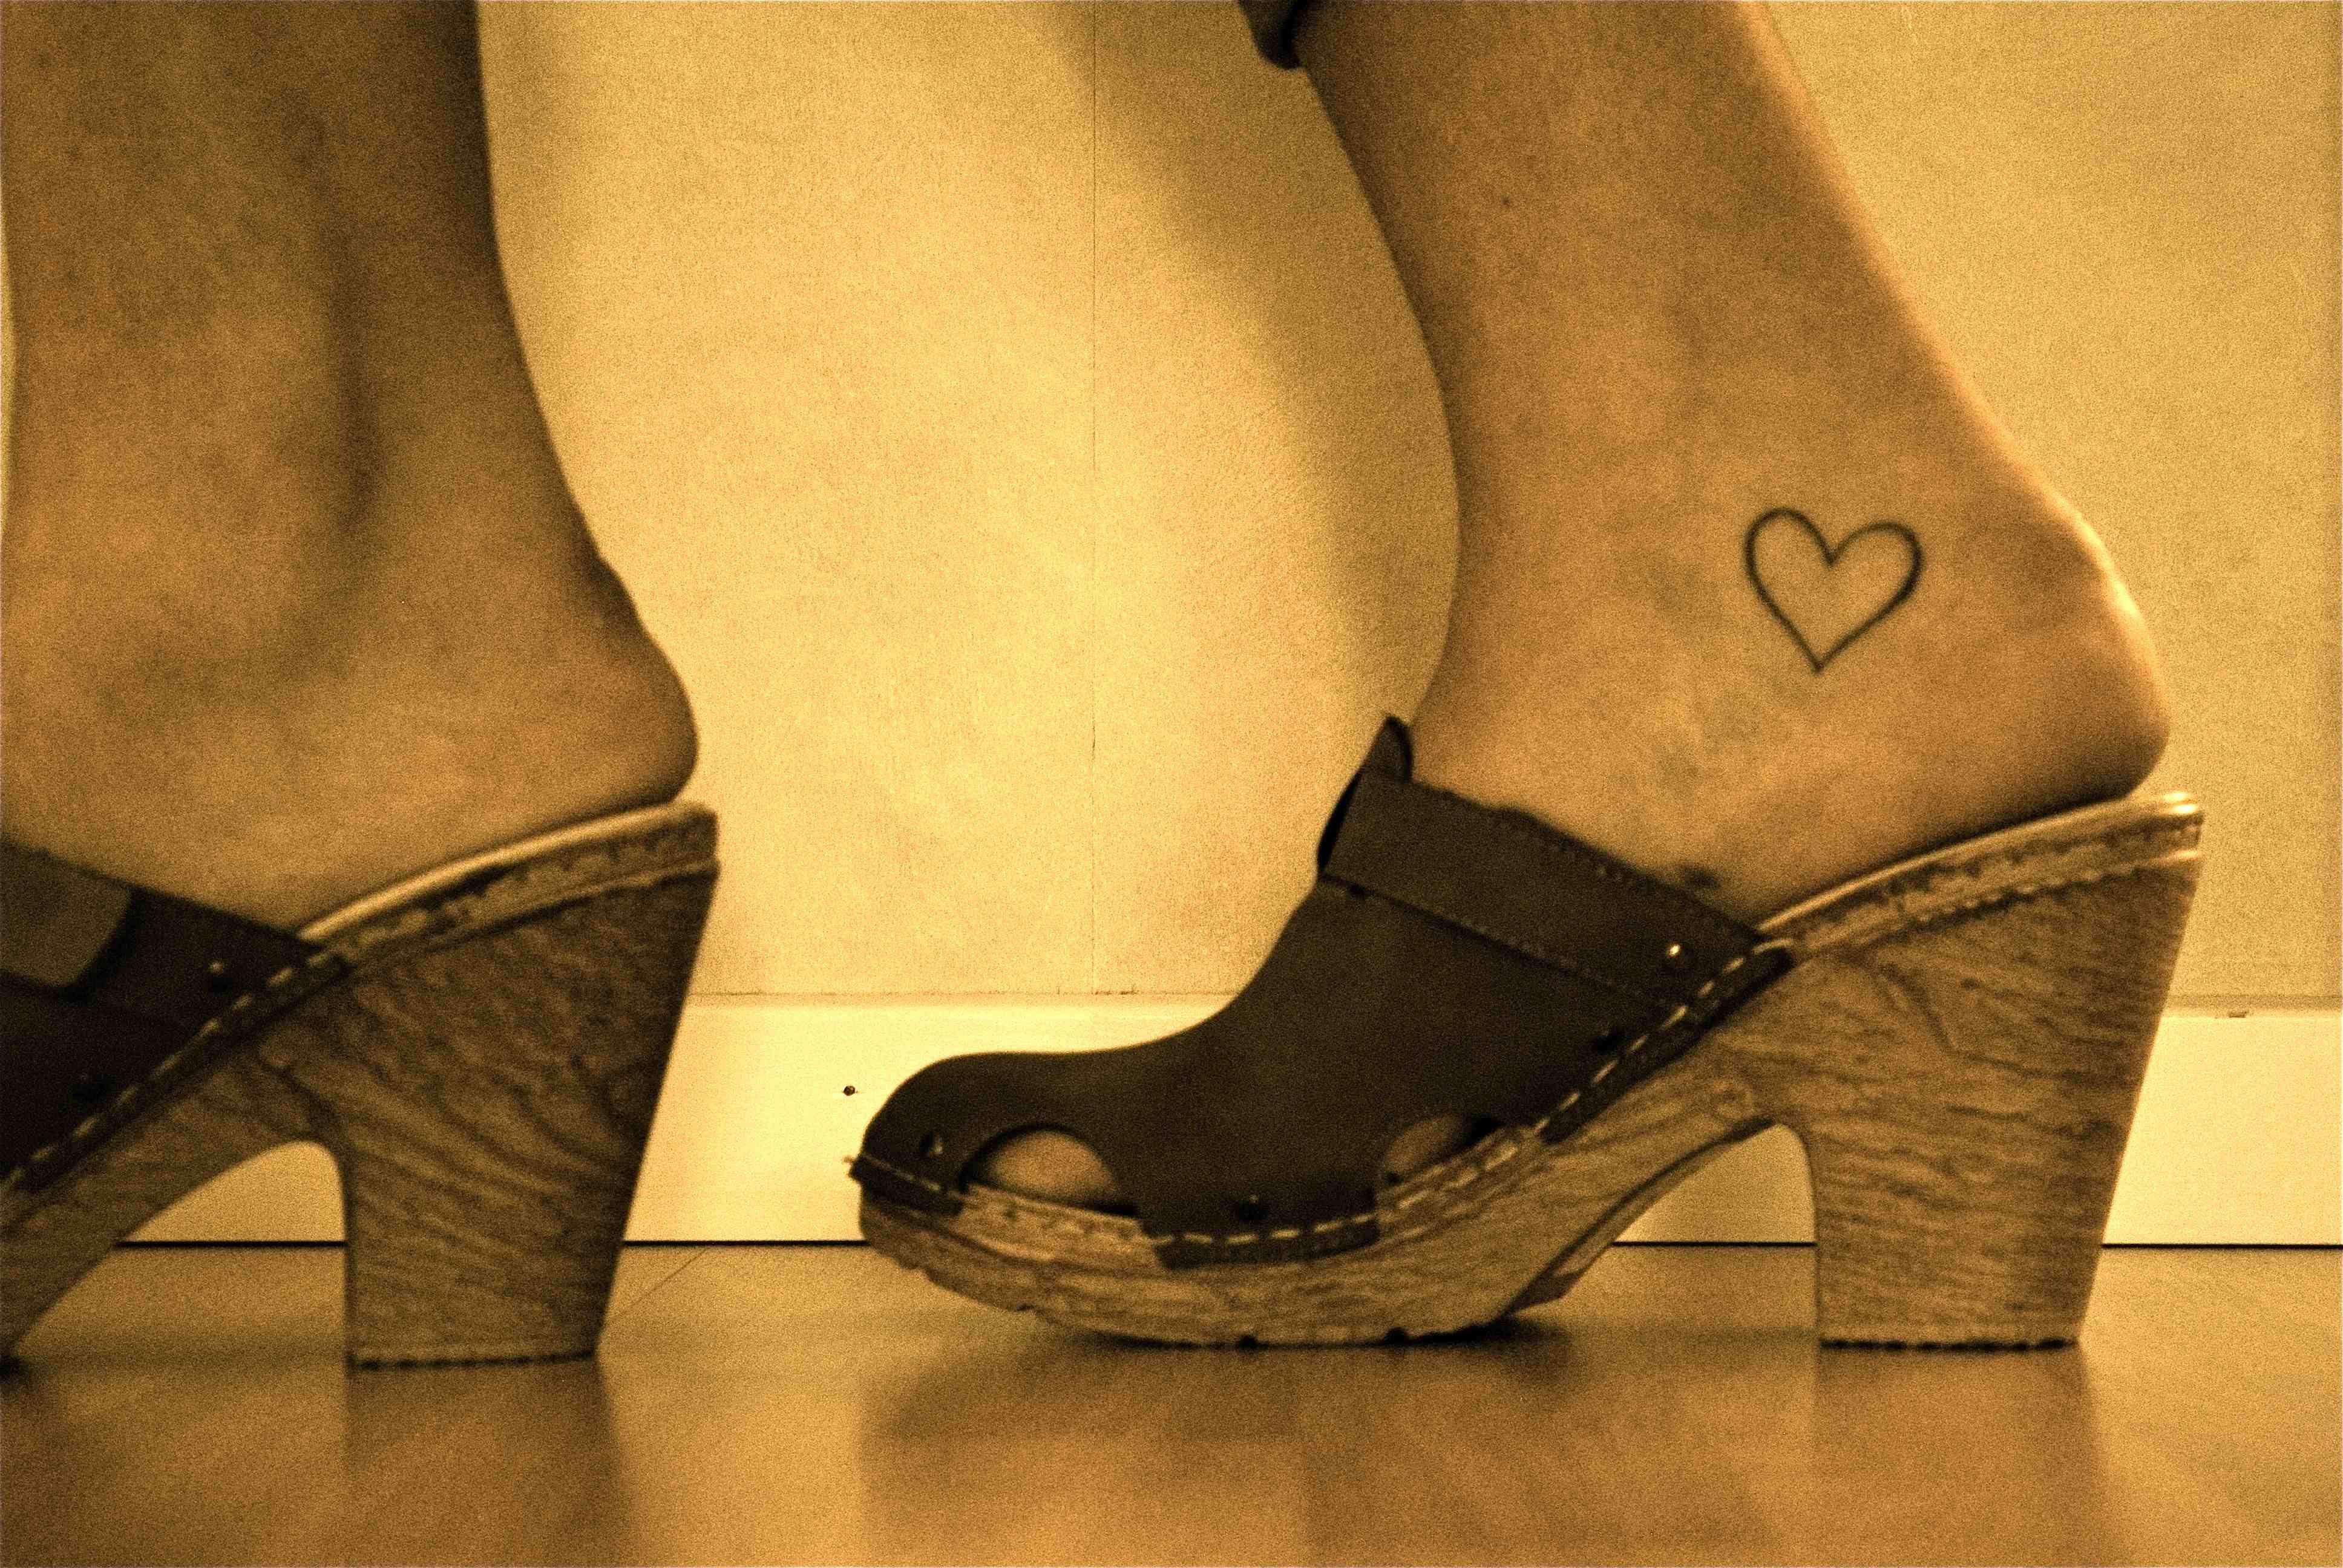 Heart foot tattoo designs cute tattoos pinterest heart foot